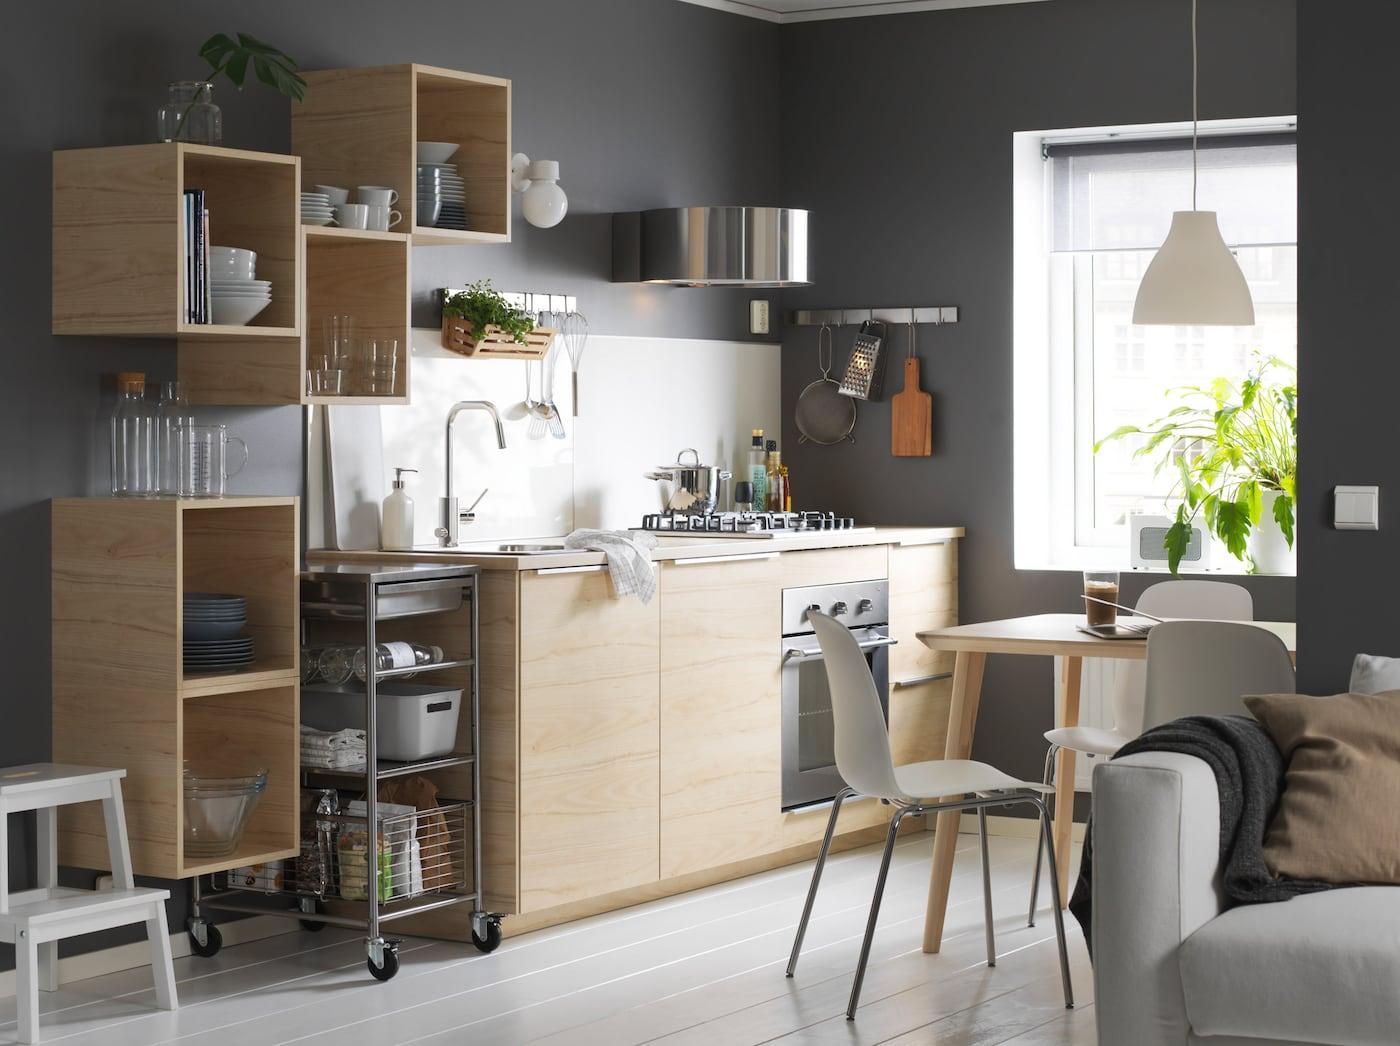 Kastjes Open Keuken : Dit appartement bewijst dat een smalle keuken geen belemmering